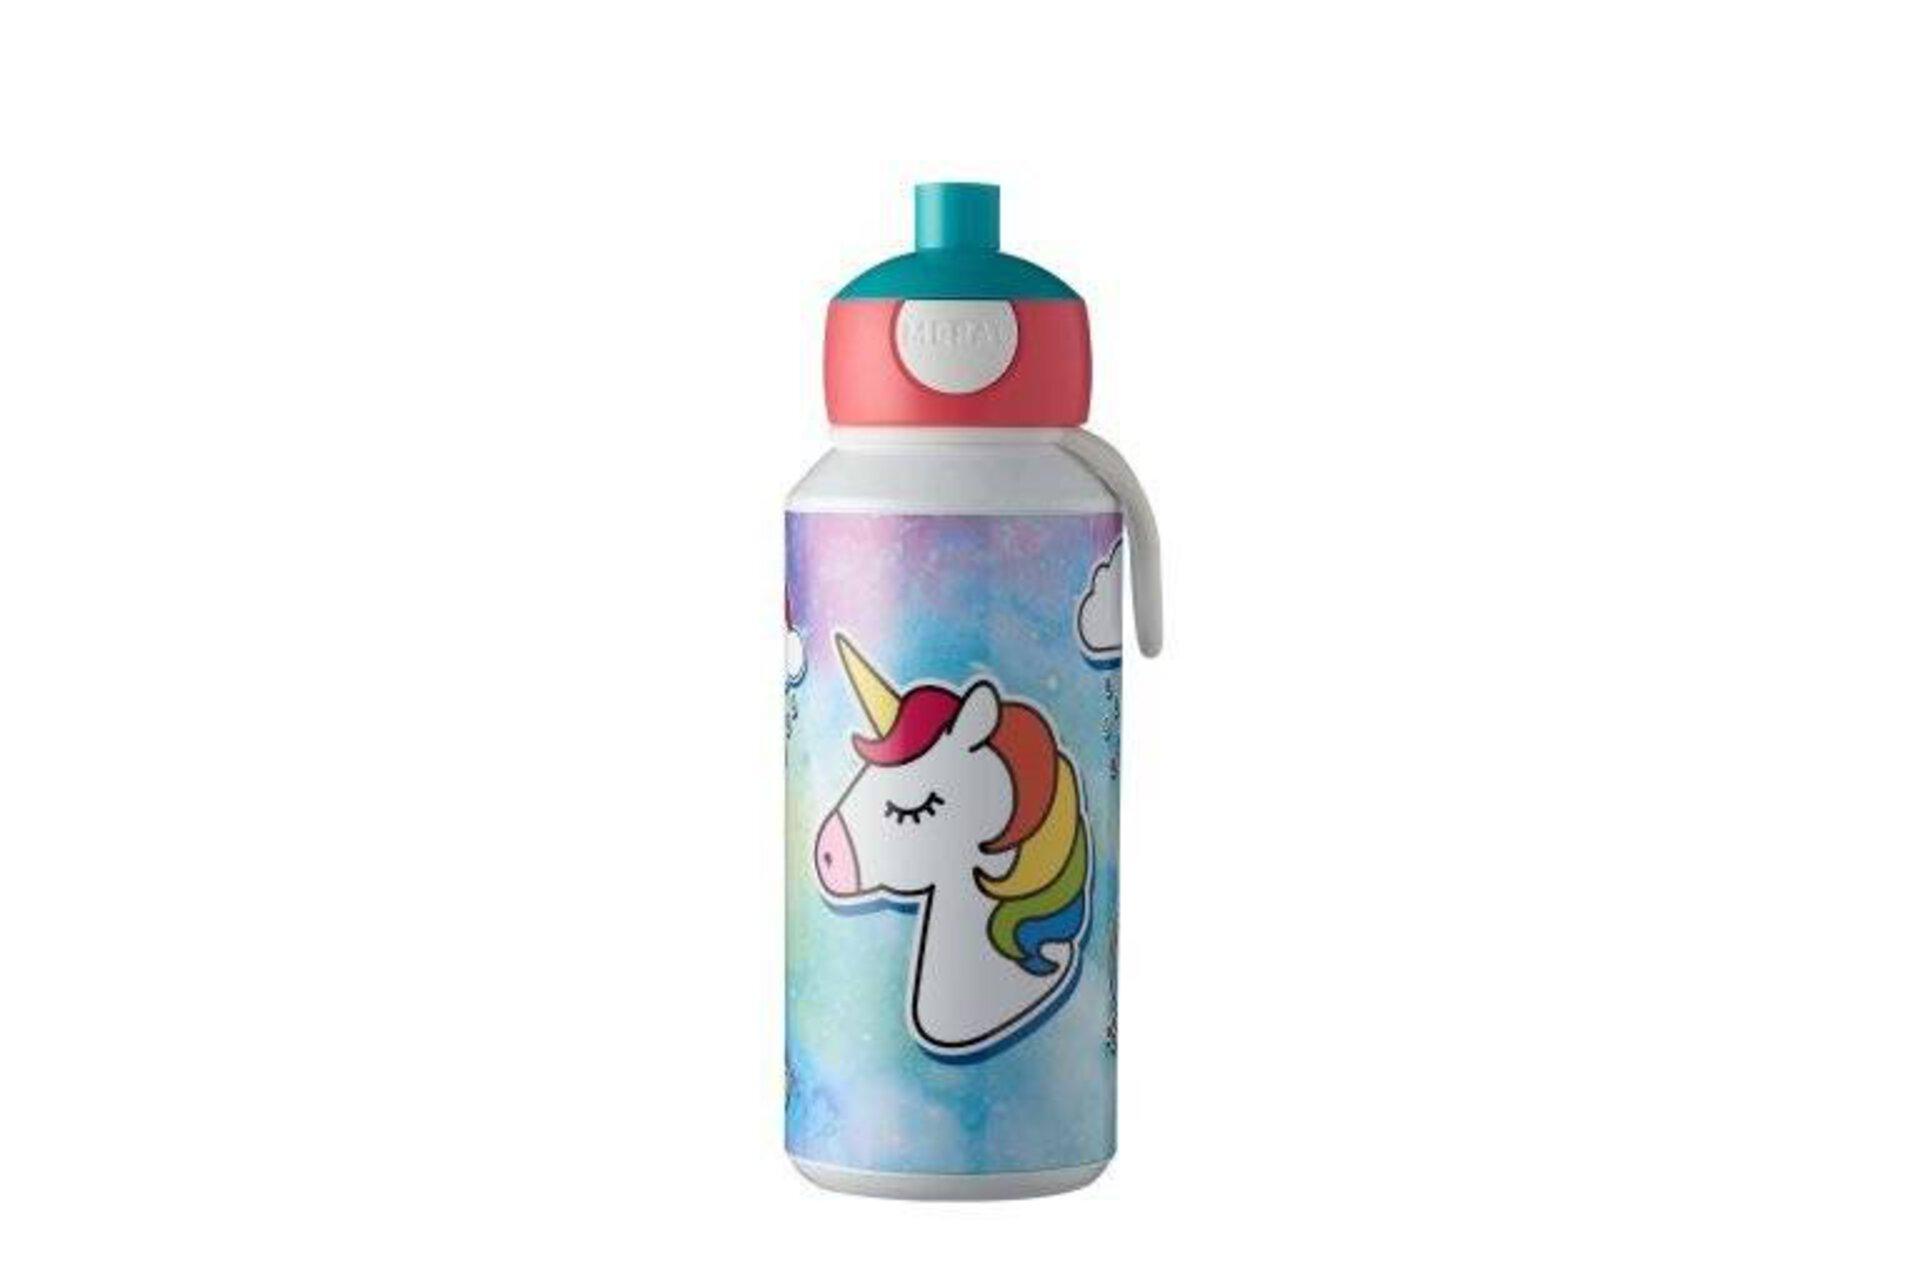 Trinkflasche campus MEPAL Kunststoff 7 x 18 x 6 cm